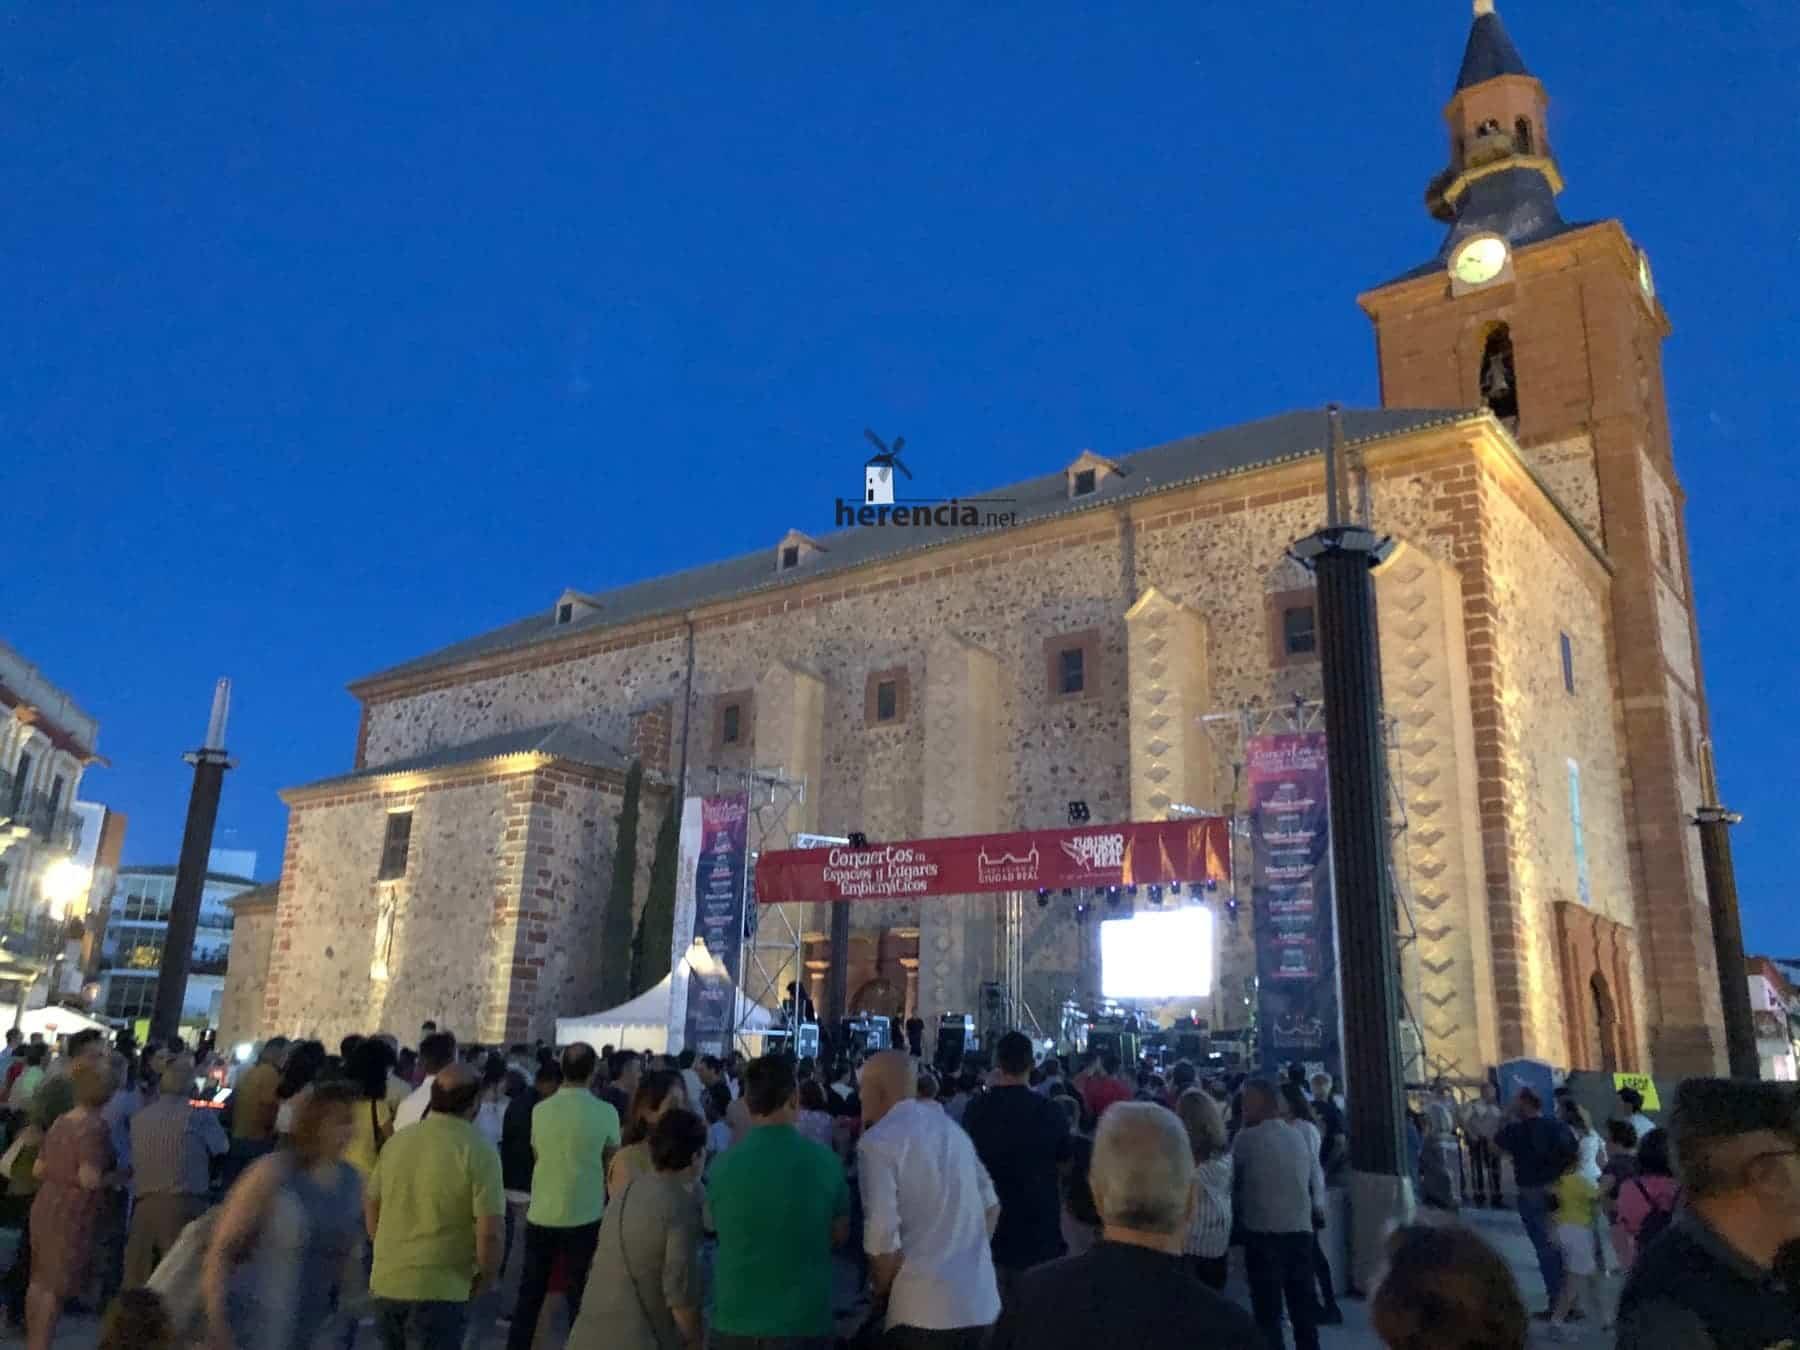 DVICIO llena una renovada Plaza de España en Herencia 60